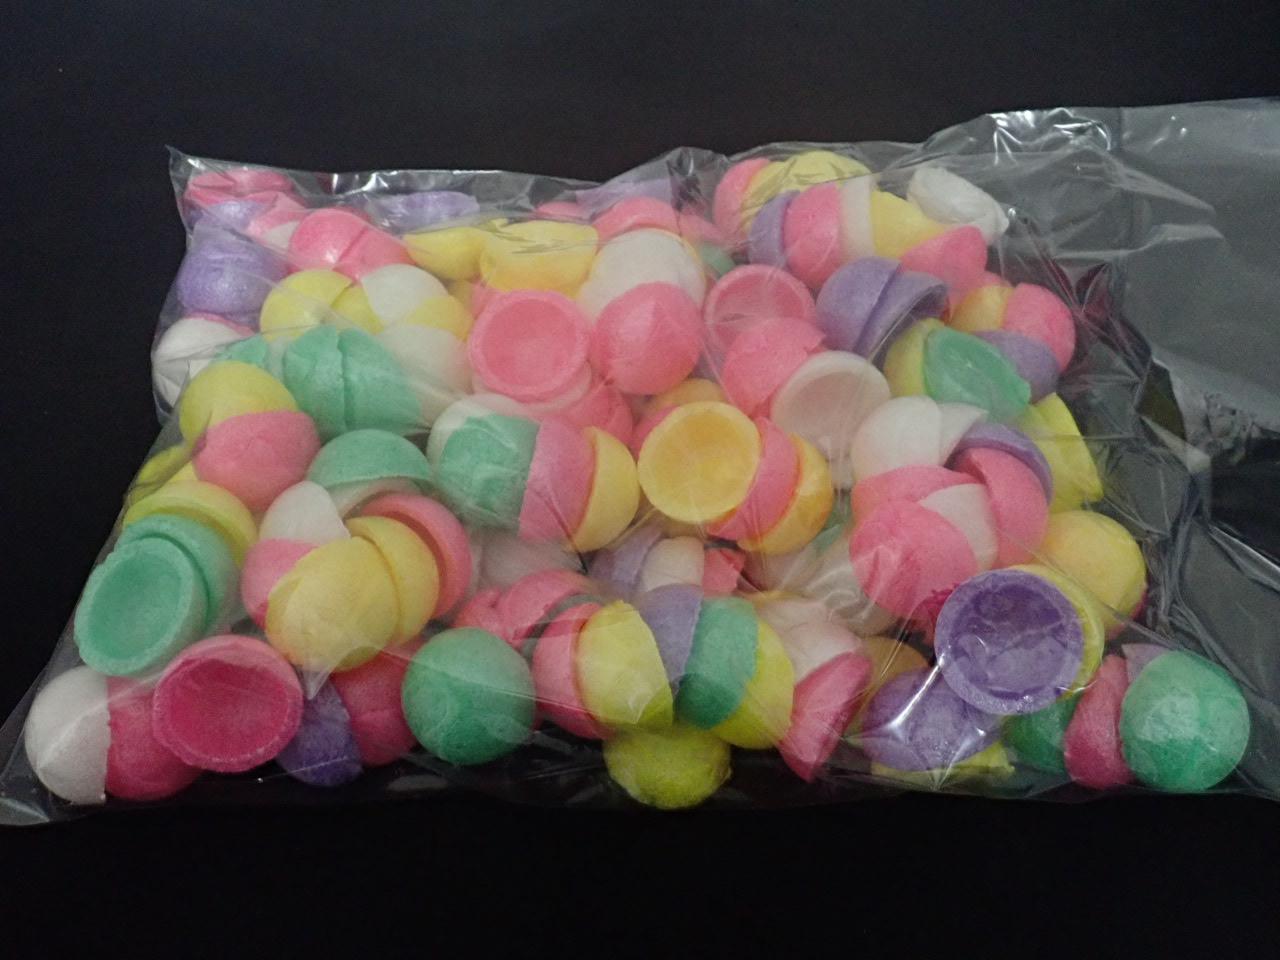 餅花・餅玉・自然素材(小玉3cm五色100丸分) 和食器代わりにも使用可